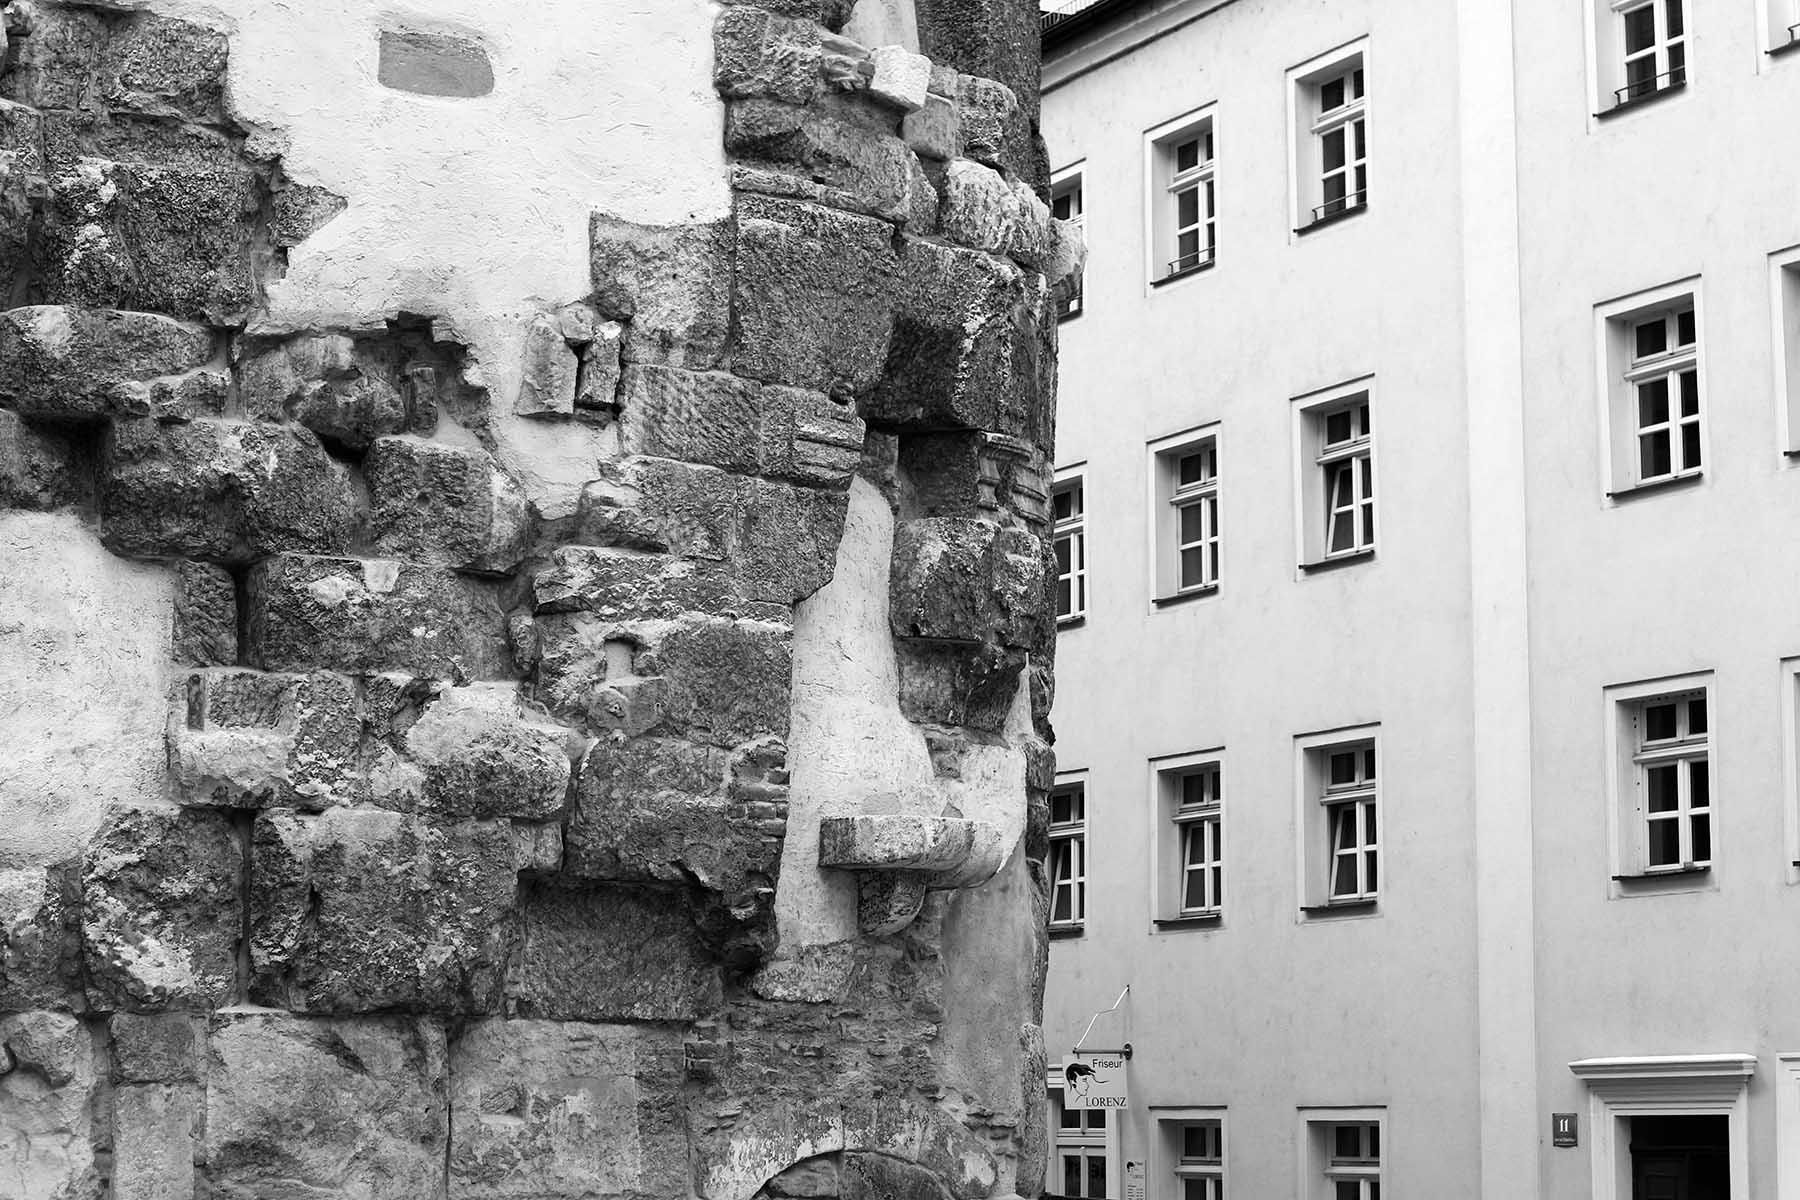 Tor. Porta praetoria: die einzige erhaltene römische Toranlage nördlich der Alpen neben der Porta Nigra in Trier. Unter Kaiser Marc Aurel wurde am südlichen Donauufer, gegenüber der Regenmündung das Legionslager Castra Regina (dt. Lager beim Fluss Regen) gegründet. Die 3. Italische Legion war hier stationiert. Das Lager mit vier Toren wurde 179 vollendet. Das Haupttor, die Porta praetoria, war gen Norden zur Donau hin ausgerichtet. Aus dem Lager entstand die Stadt Regensburg. Im Jahr 1885 wurde die Anlage entdeckt und 1887 der heute sichtbare Zustand hergestellt.